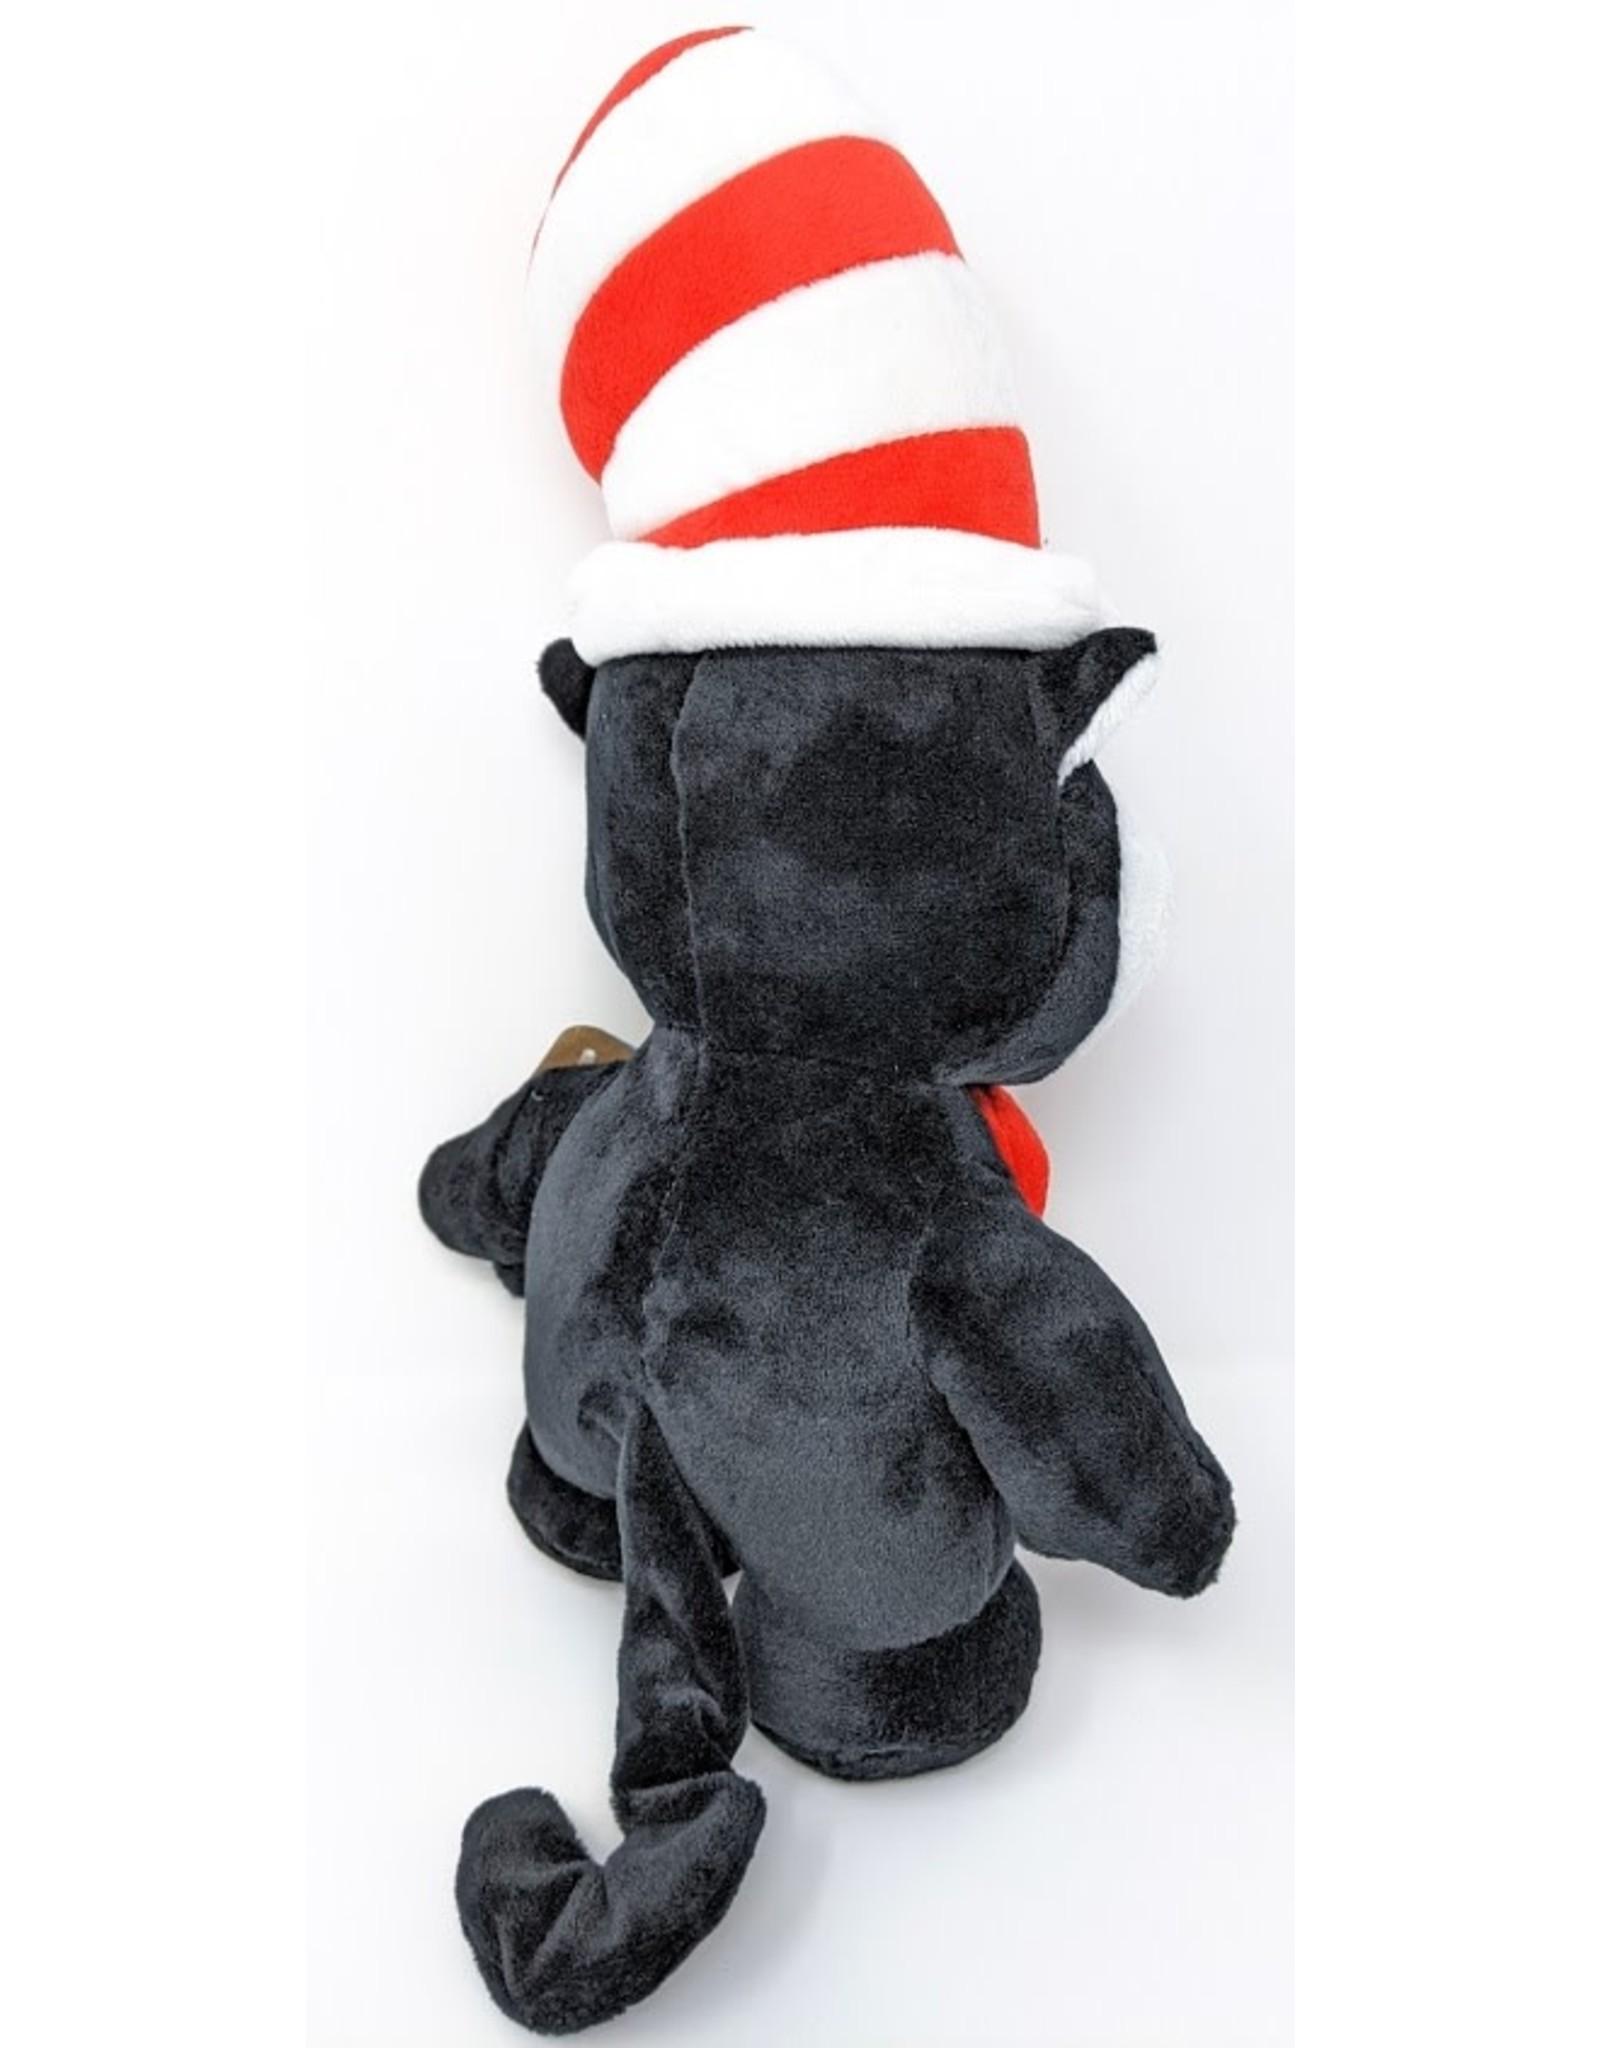 Dr. Seuss Dr. Seuss Dood - Cat in the Hat